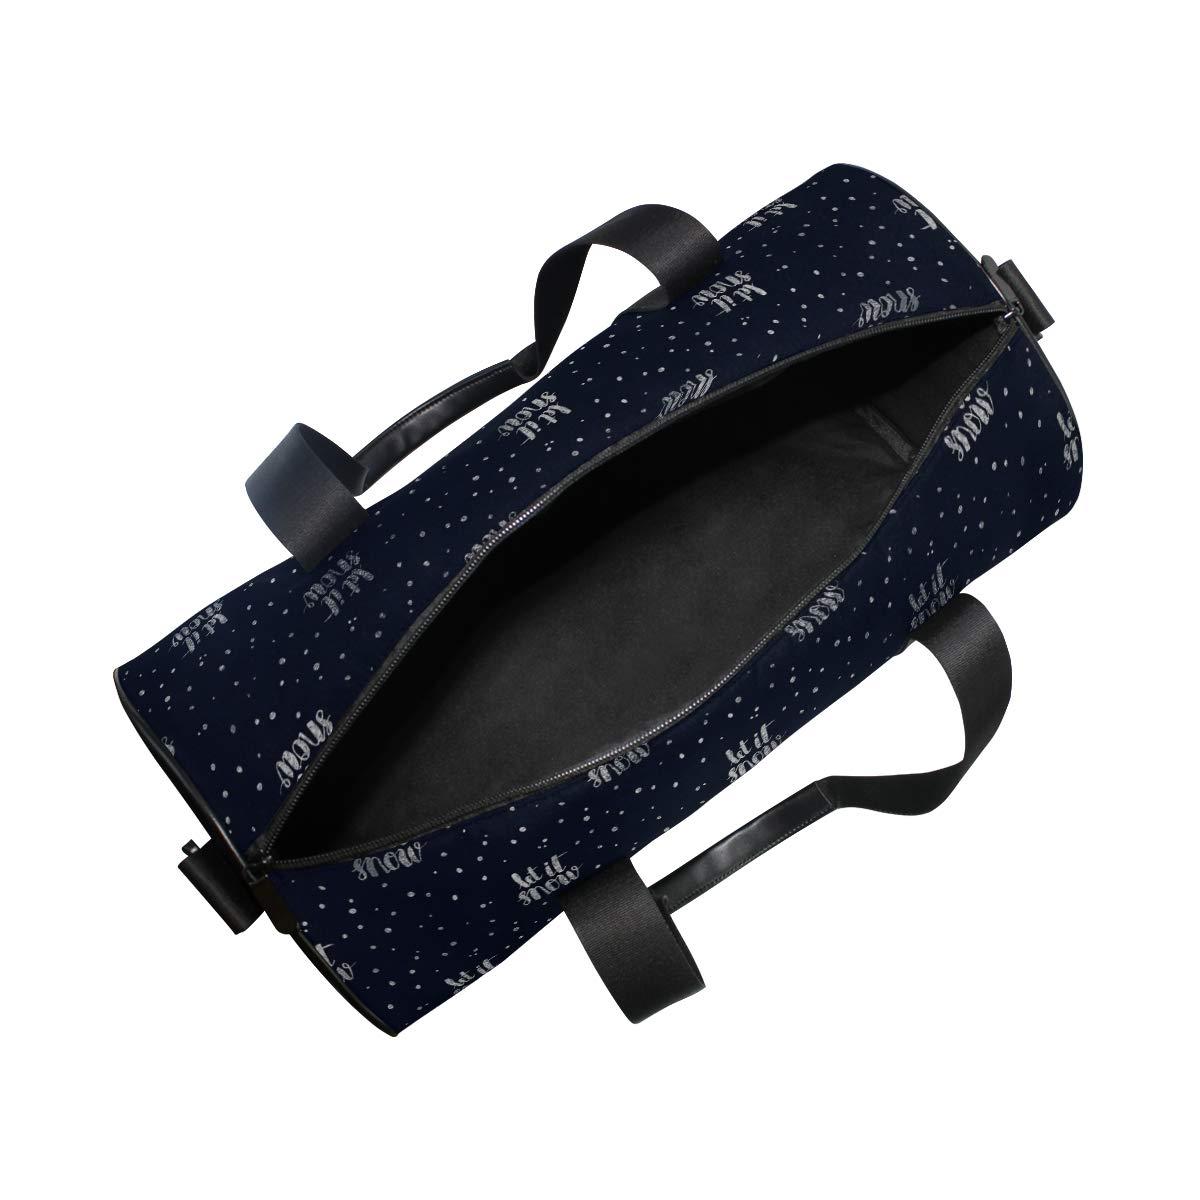 MALPLENA Doodle Style Let It Snow Drum gym duffel bag women Travel Bag